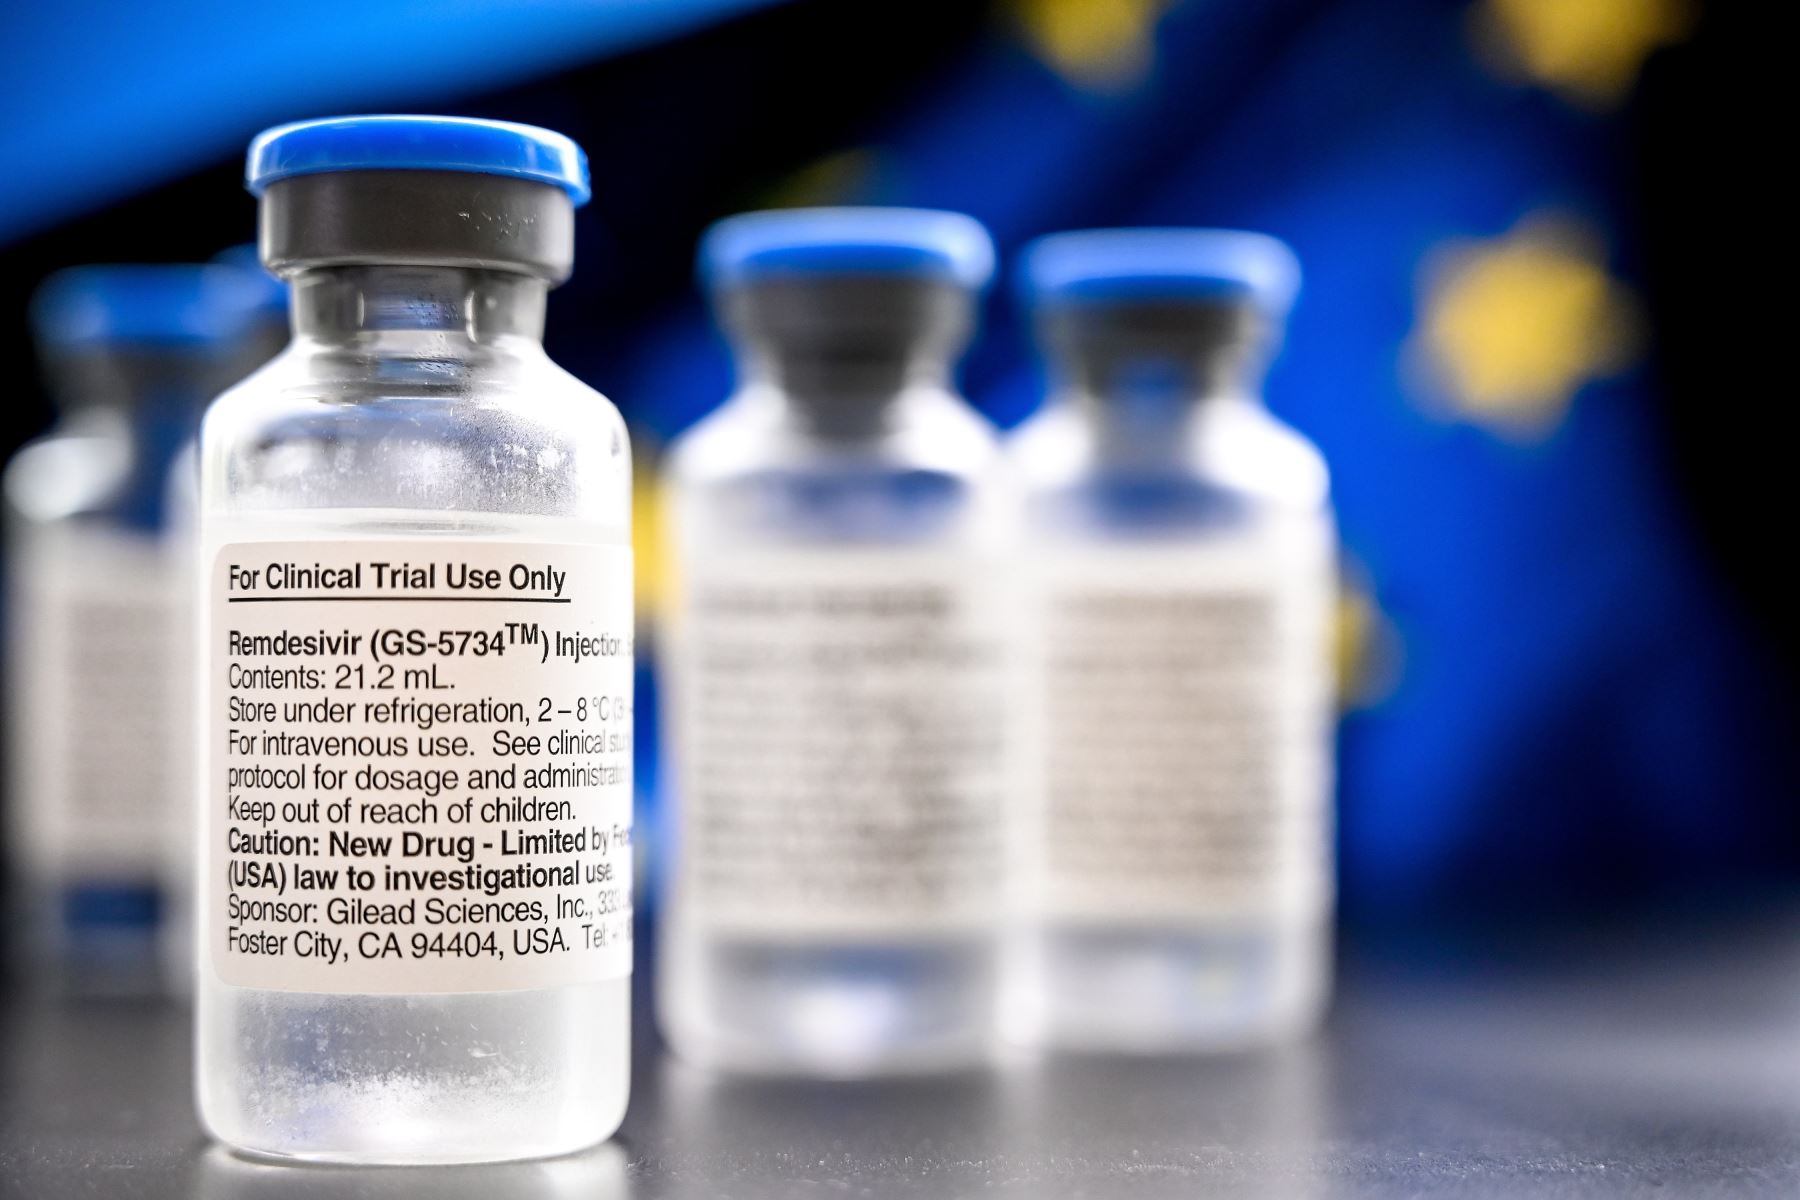 El Remdesivir es una terapia experimental que empezó a desarrollarse en 2009 y se puso a prueba con pacientes de ébola a mediados de la década pasada. Foto: EFE